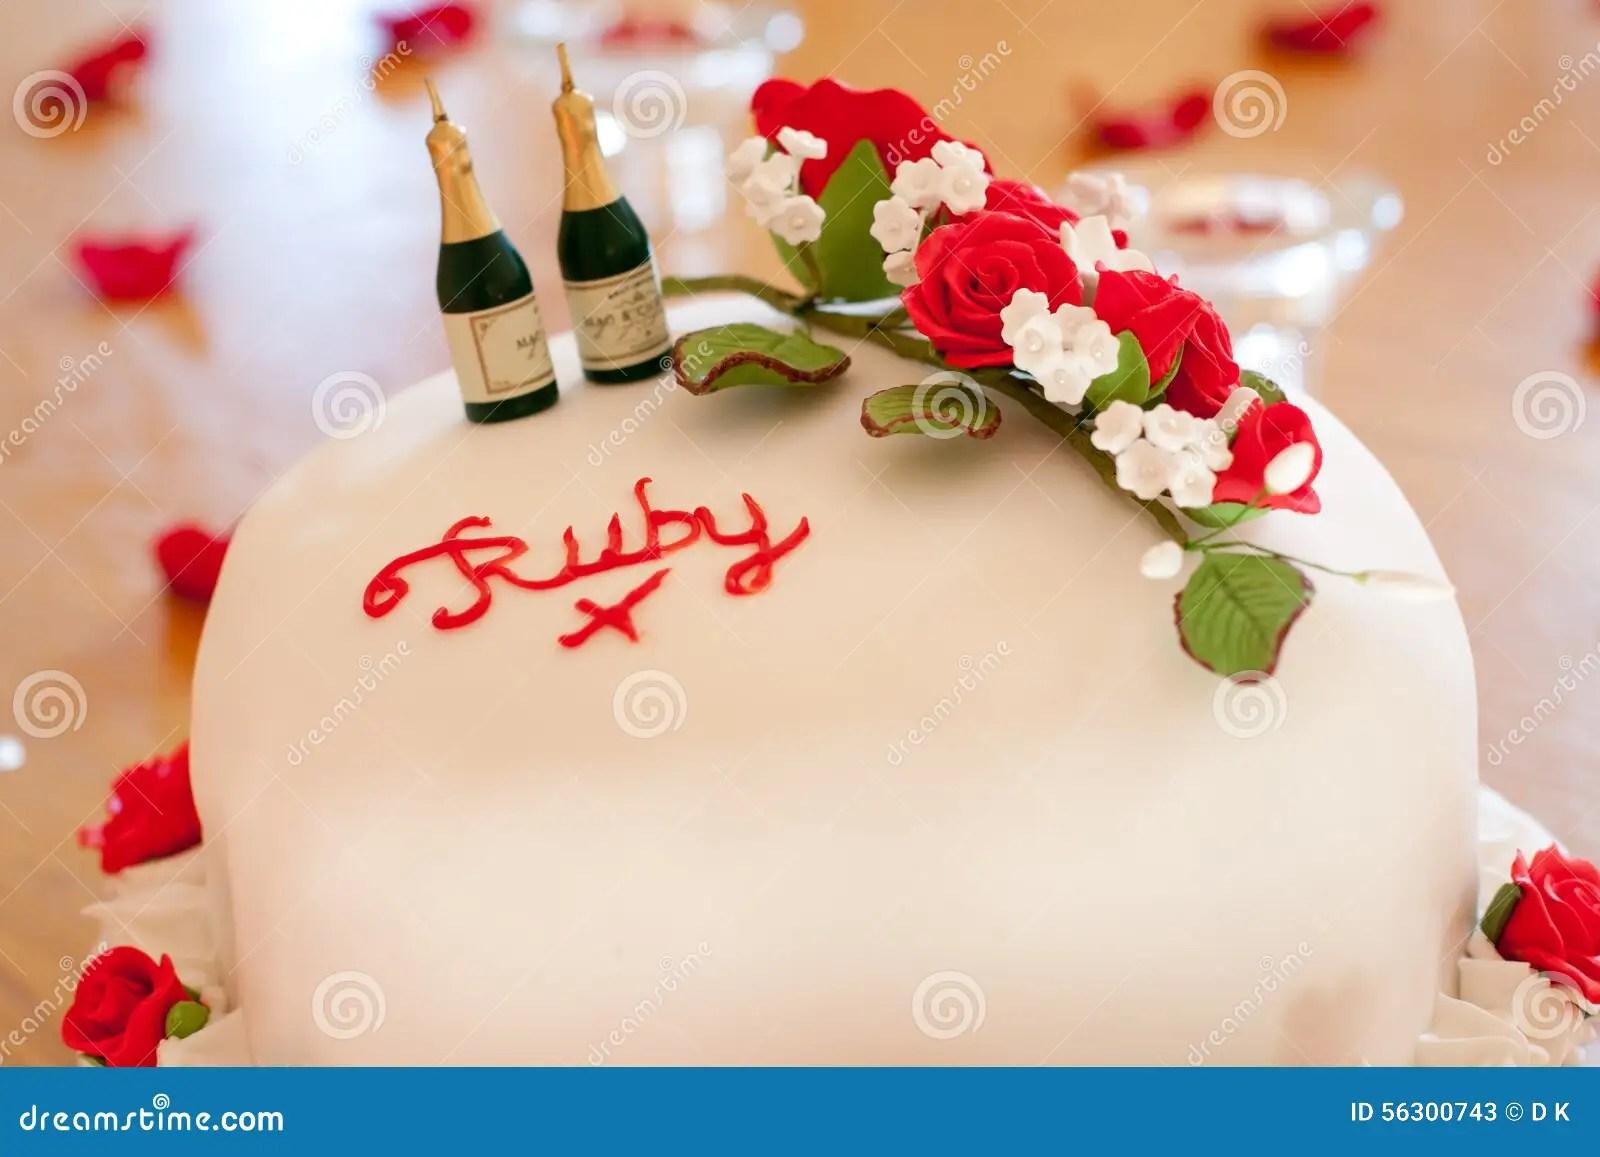 Ruby Wedding Anniversary Cake Stock Photo